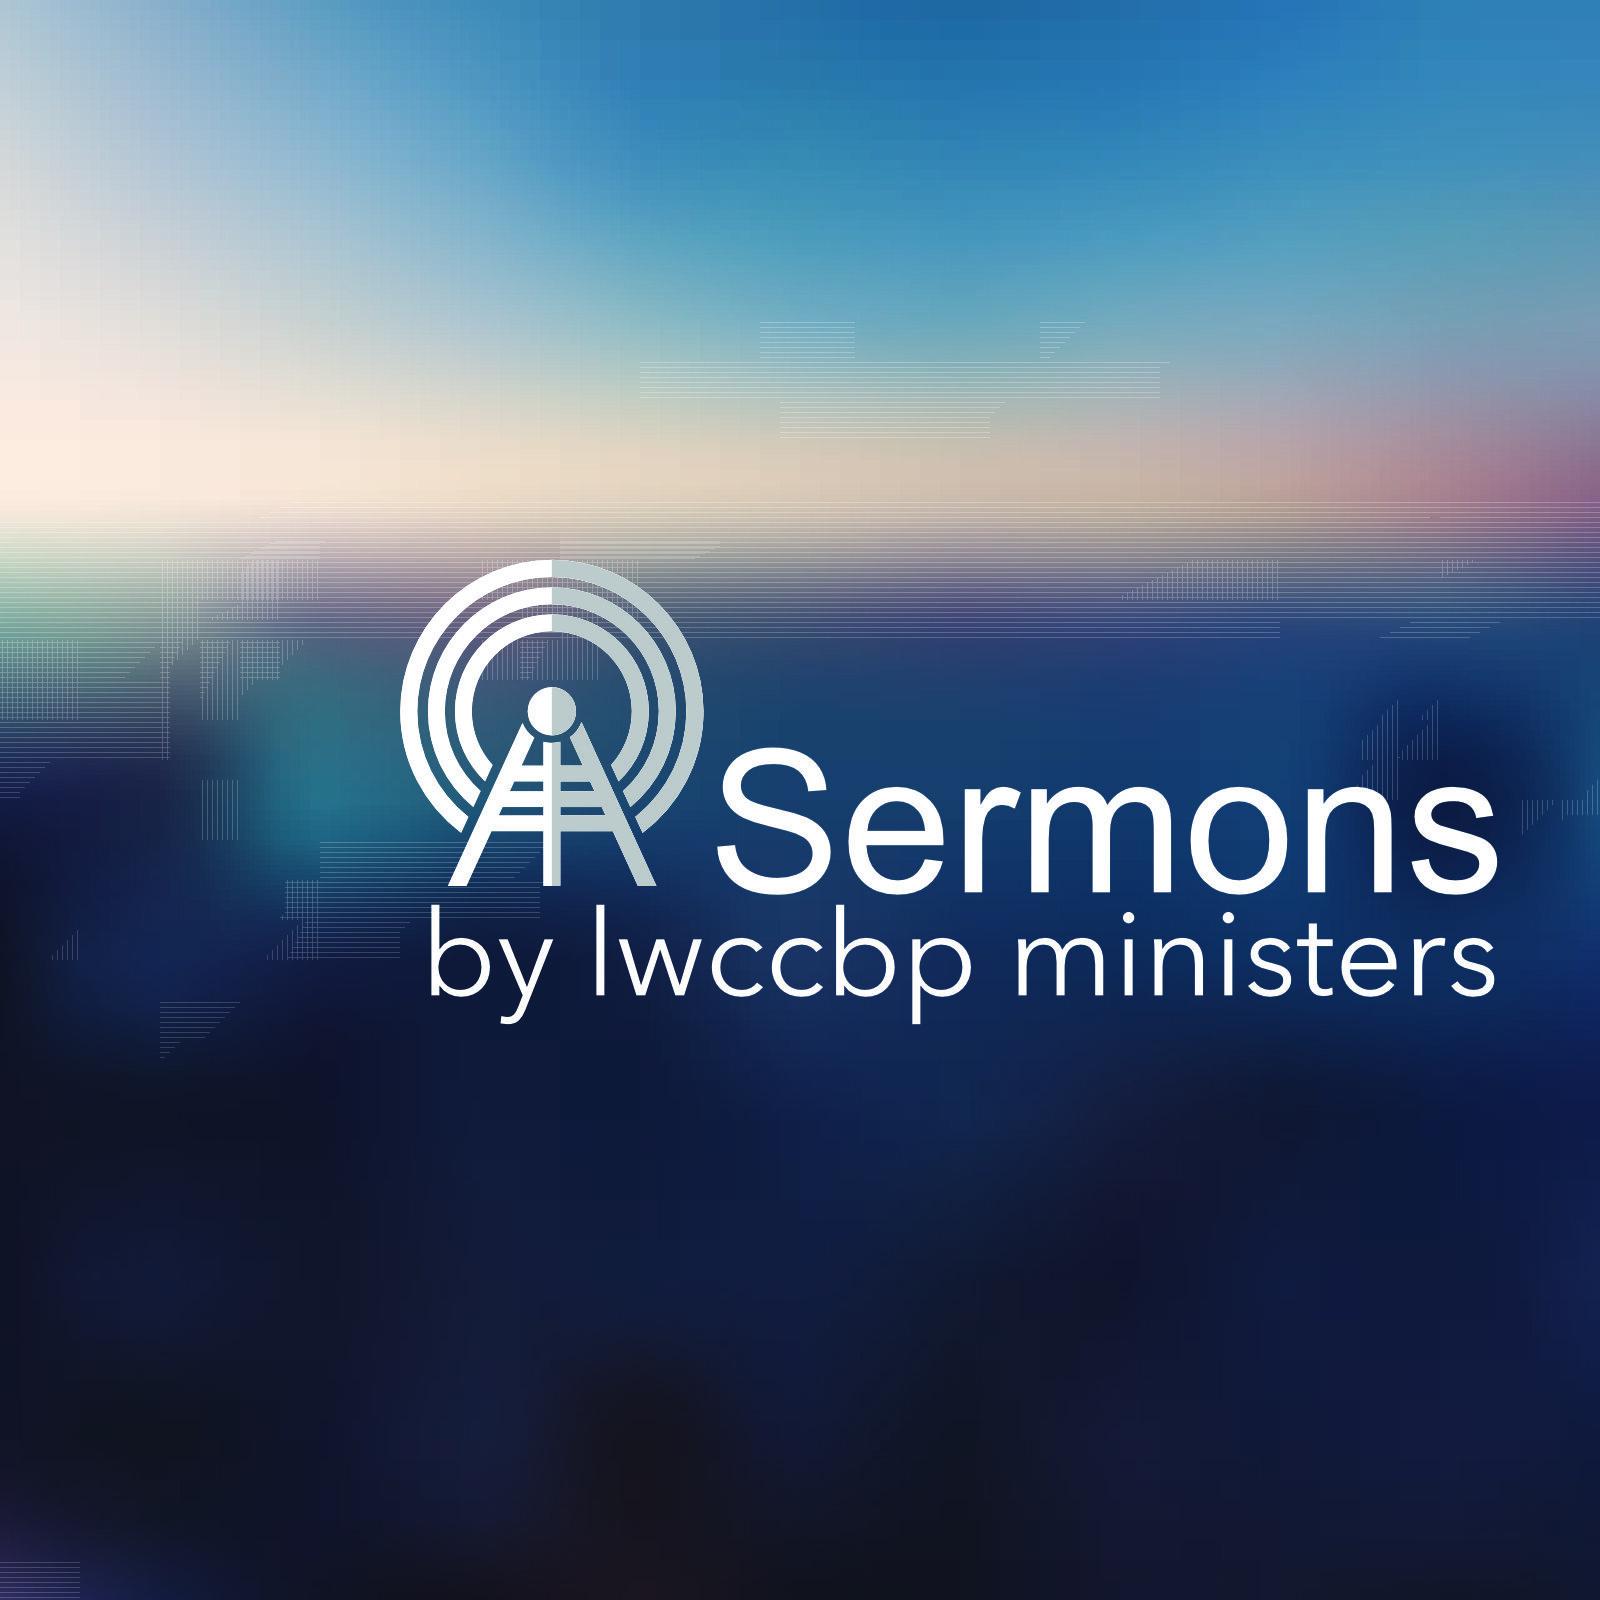 lwccbp ministers.jpg